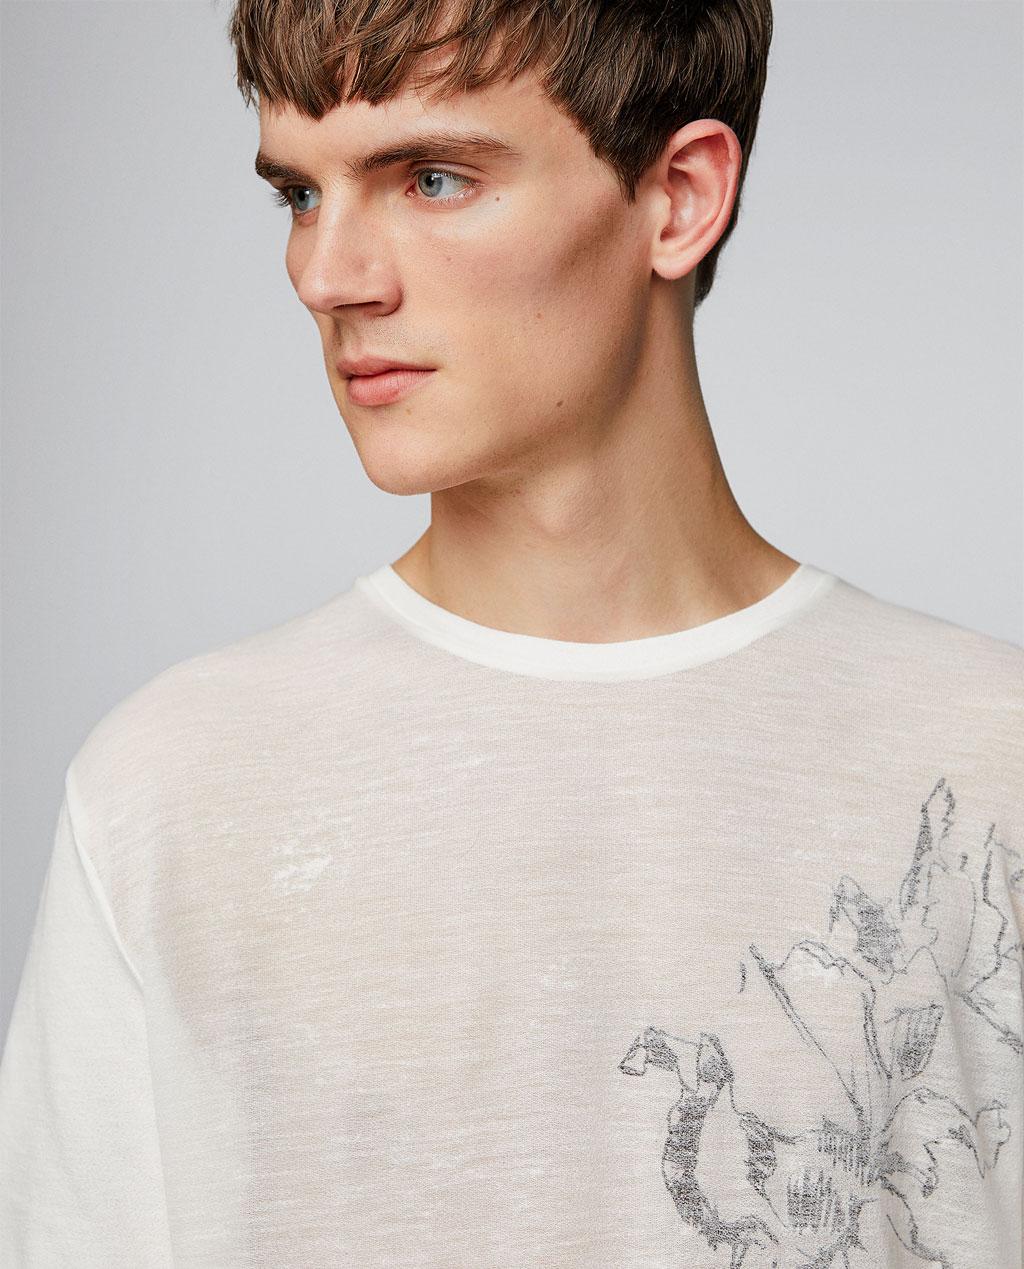 Thời trang nam Zara  23902 - ảnh 6